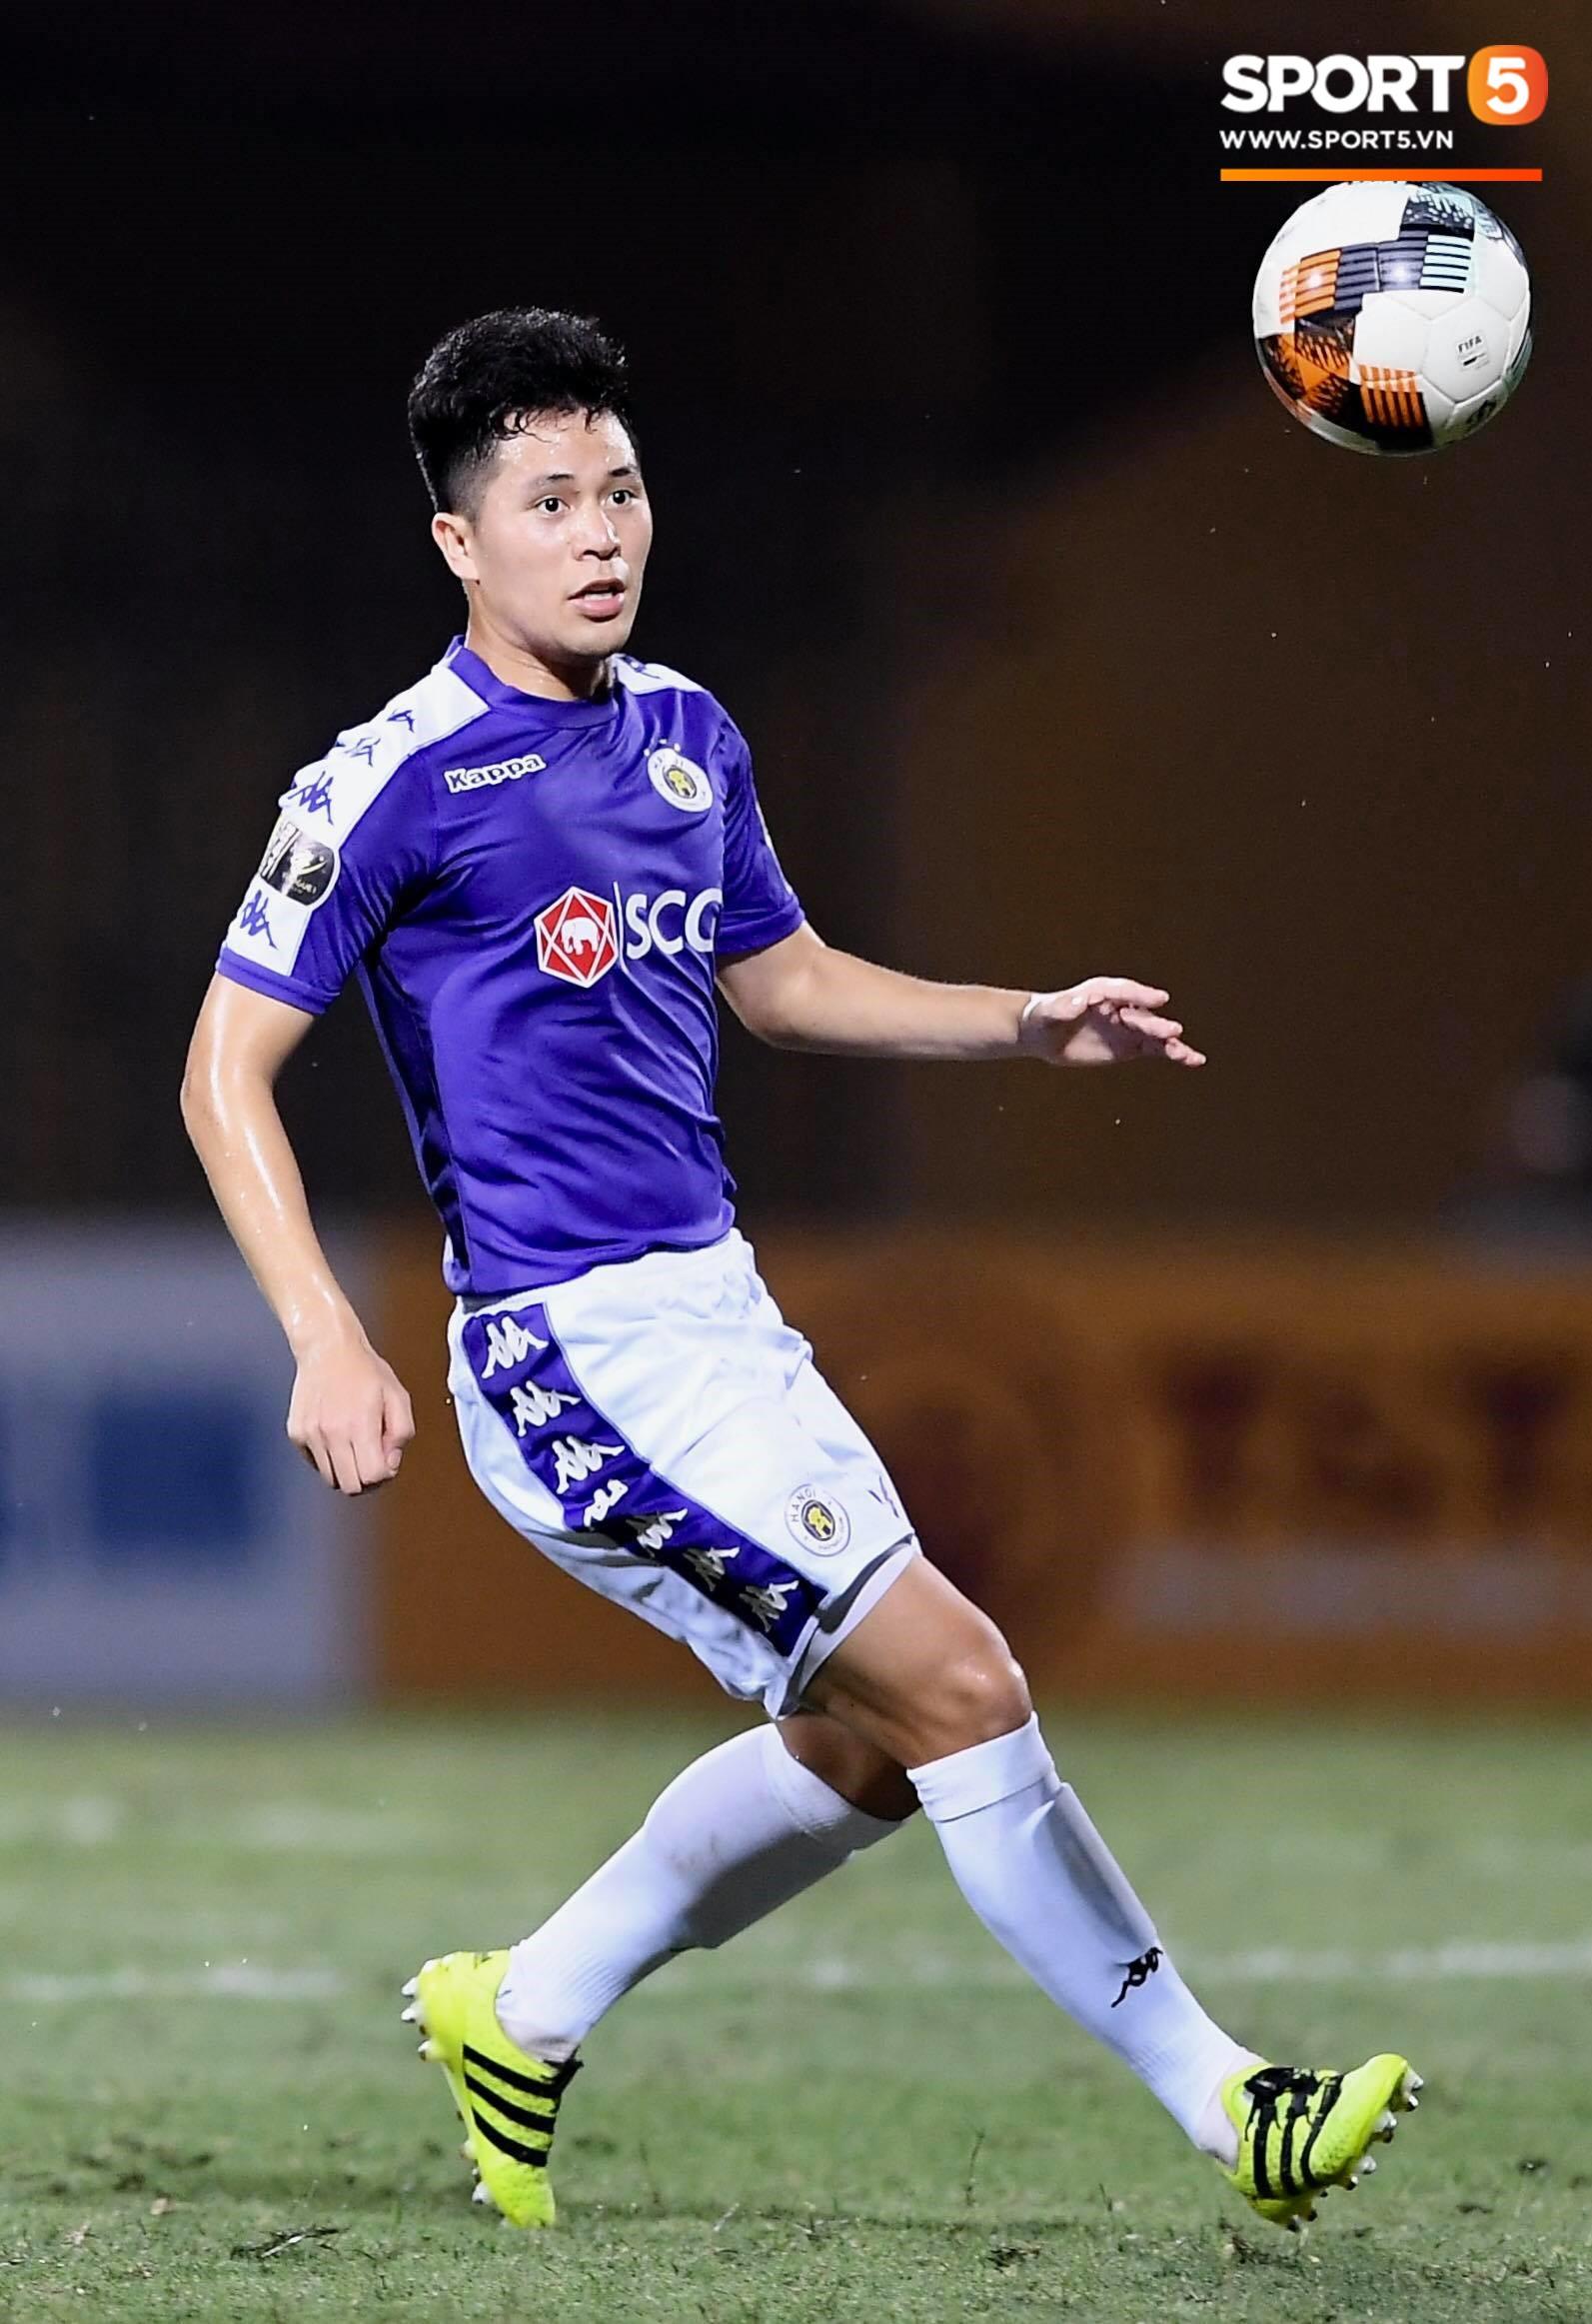 Dàn cầu thủ sinh vào tháng 4 của Việt Nam: Ghép lại sơ sơ cũng được một đội hình rất gì và này nọ-5